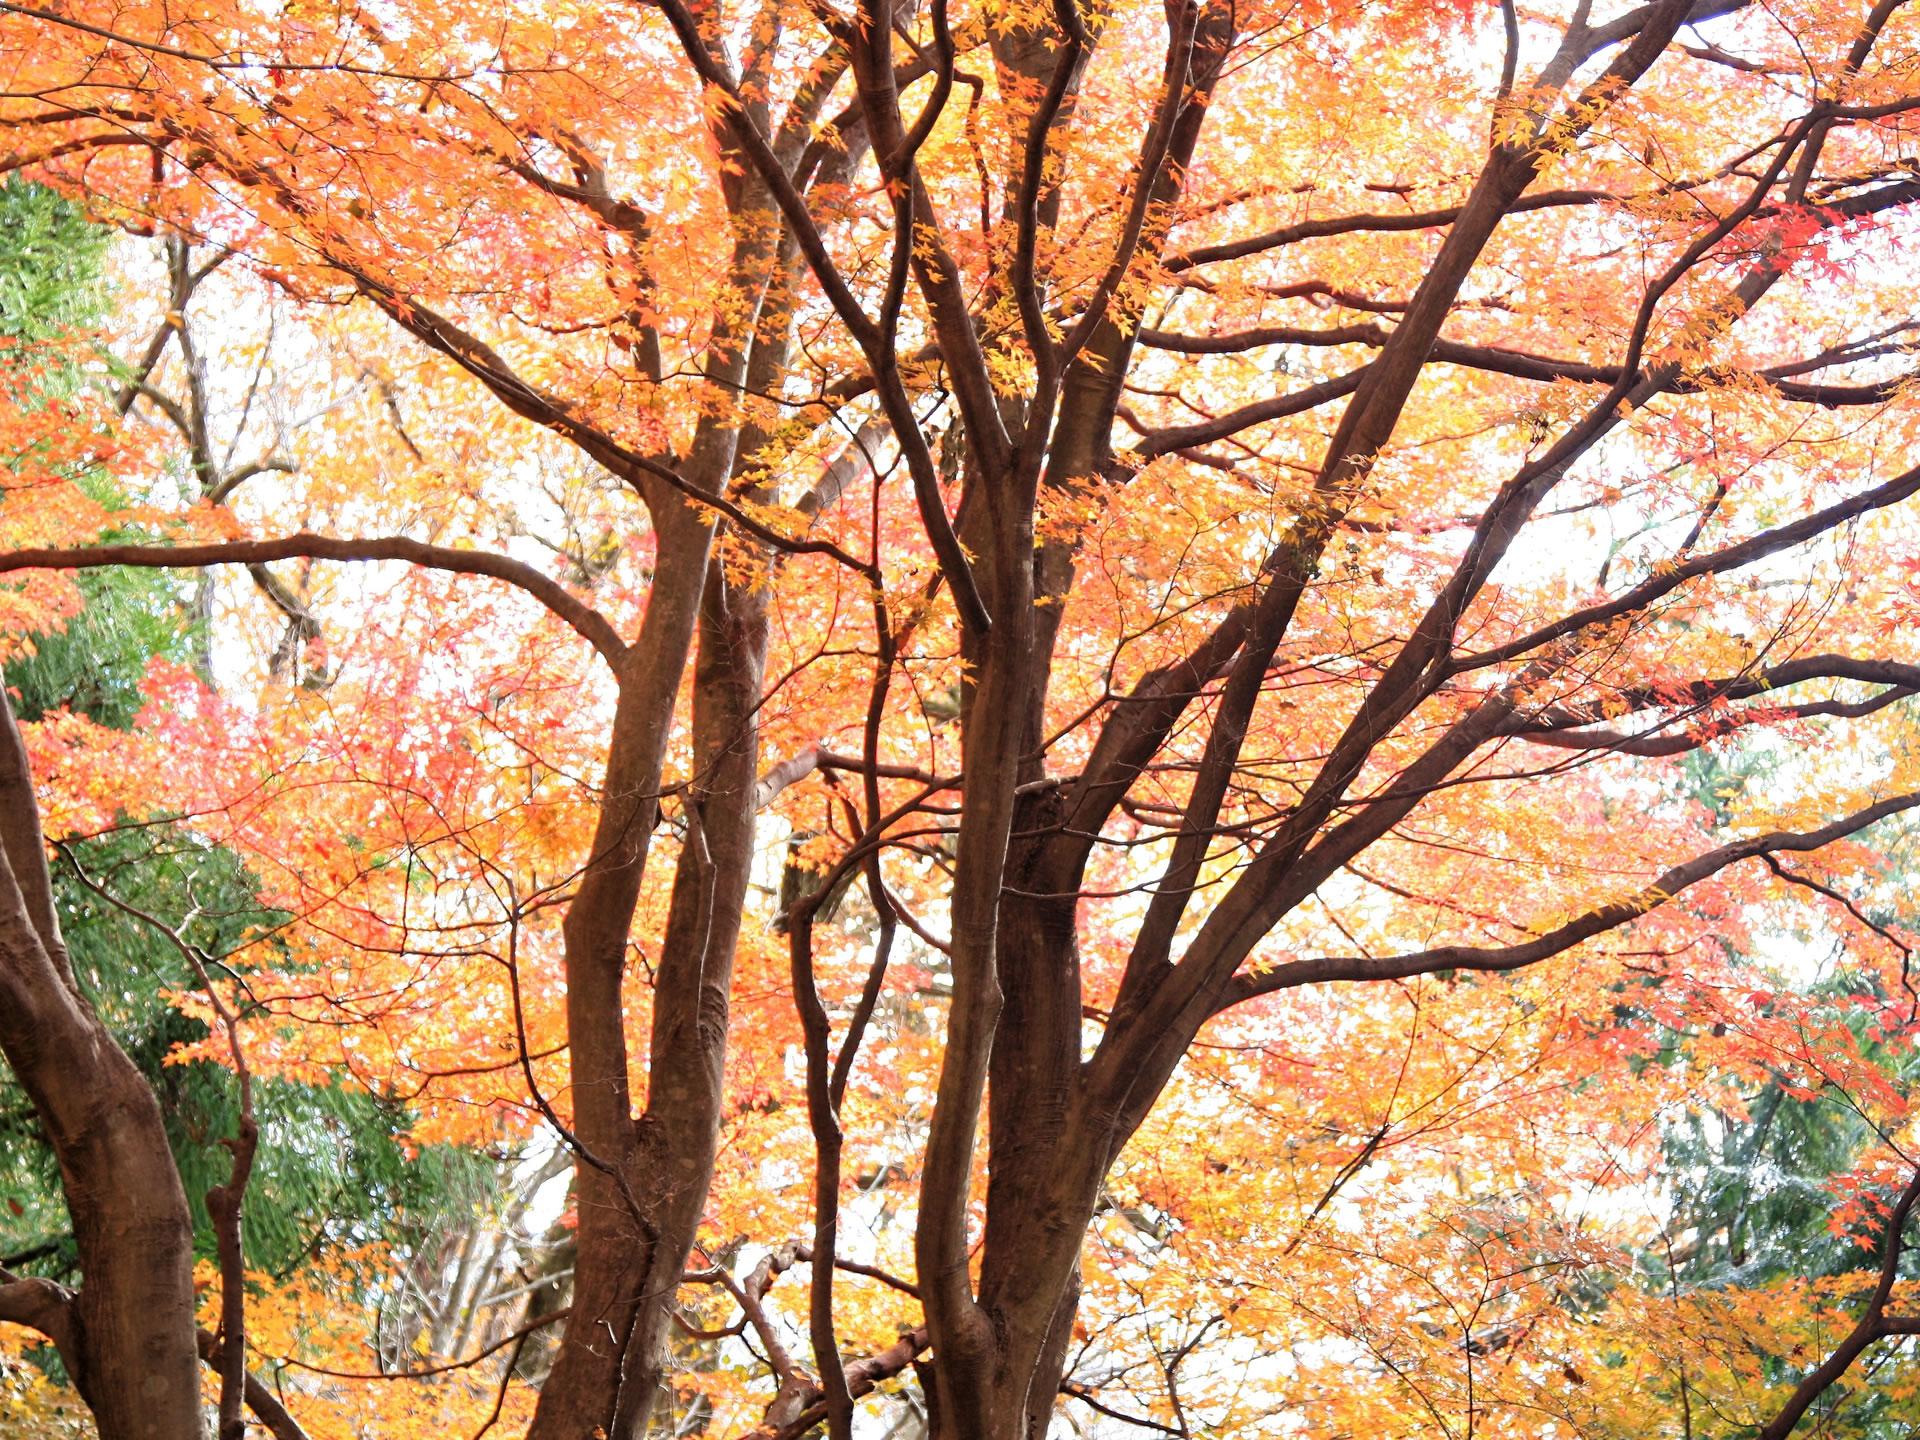 正丸峠ガーデンハウスのゲートから入っておよそ50Mのところにある紅葉の大木